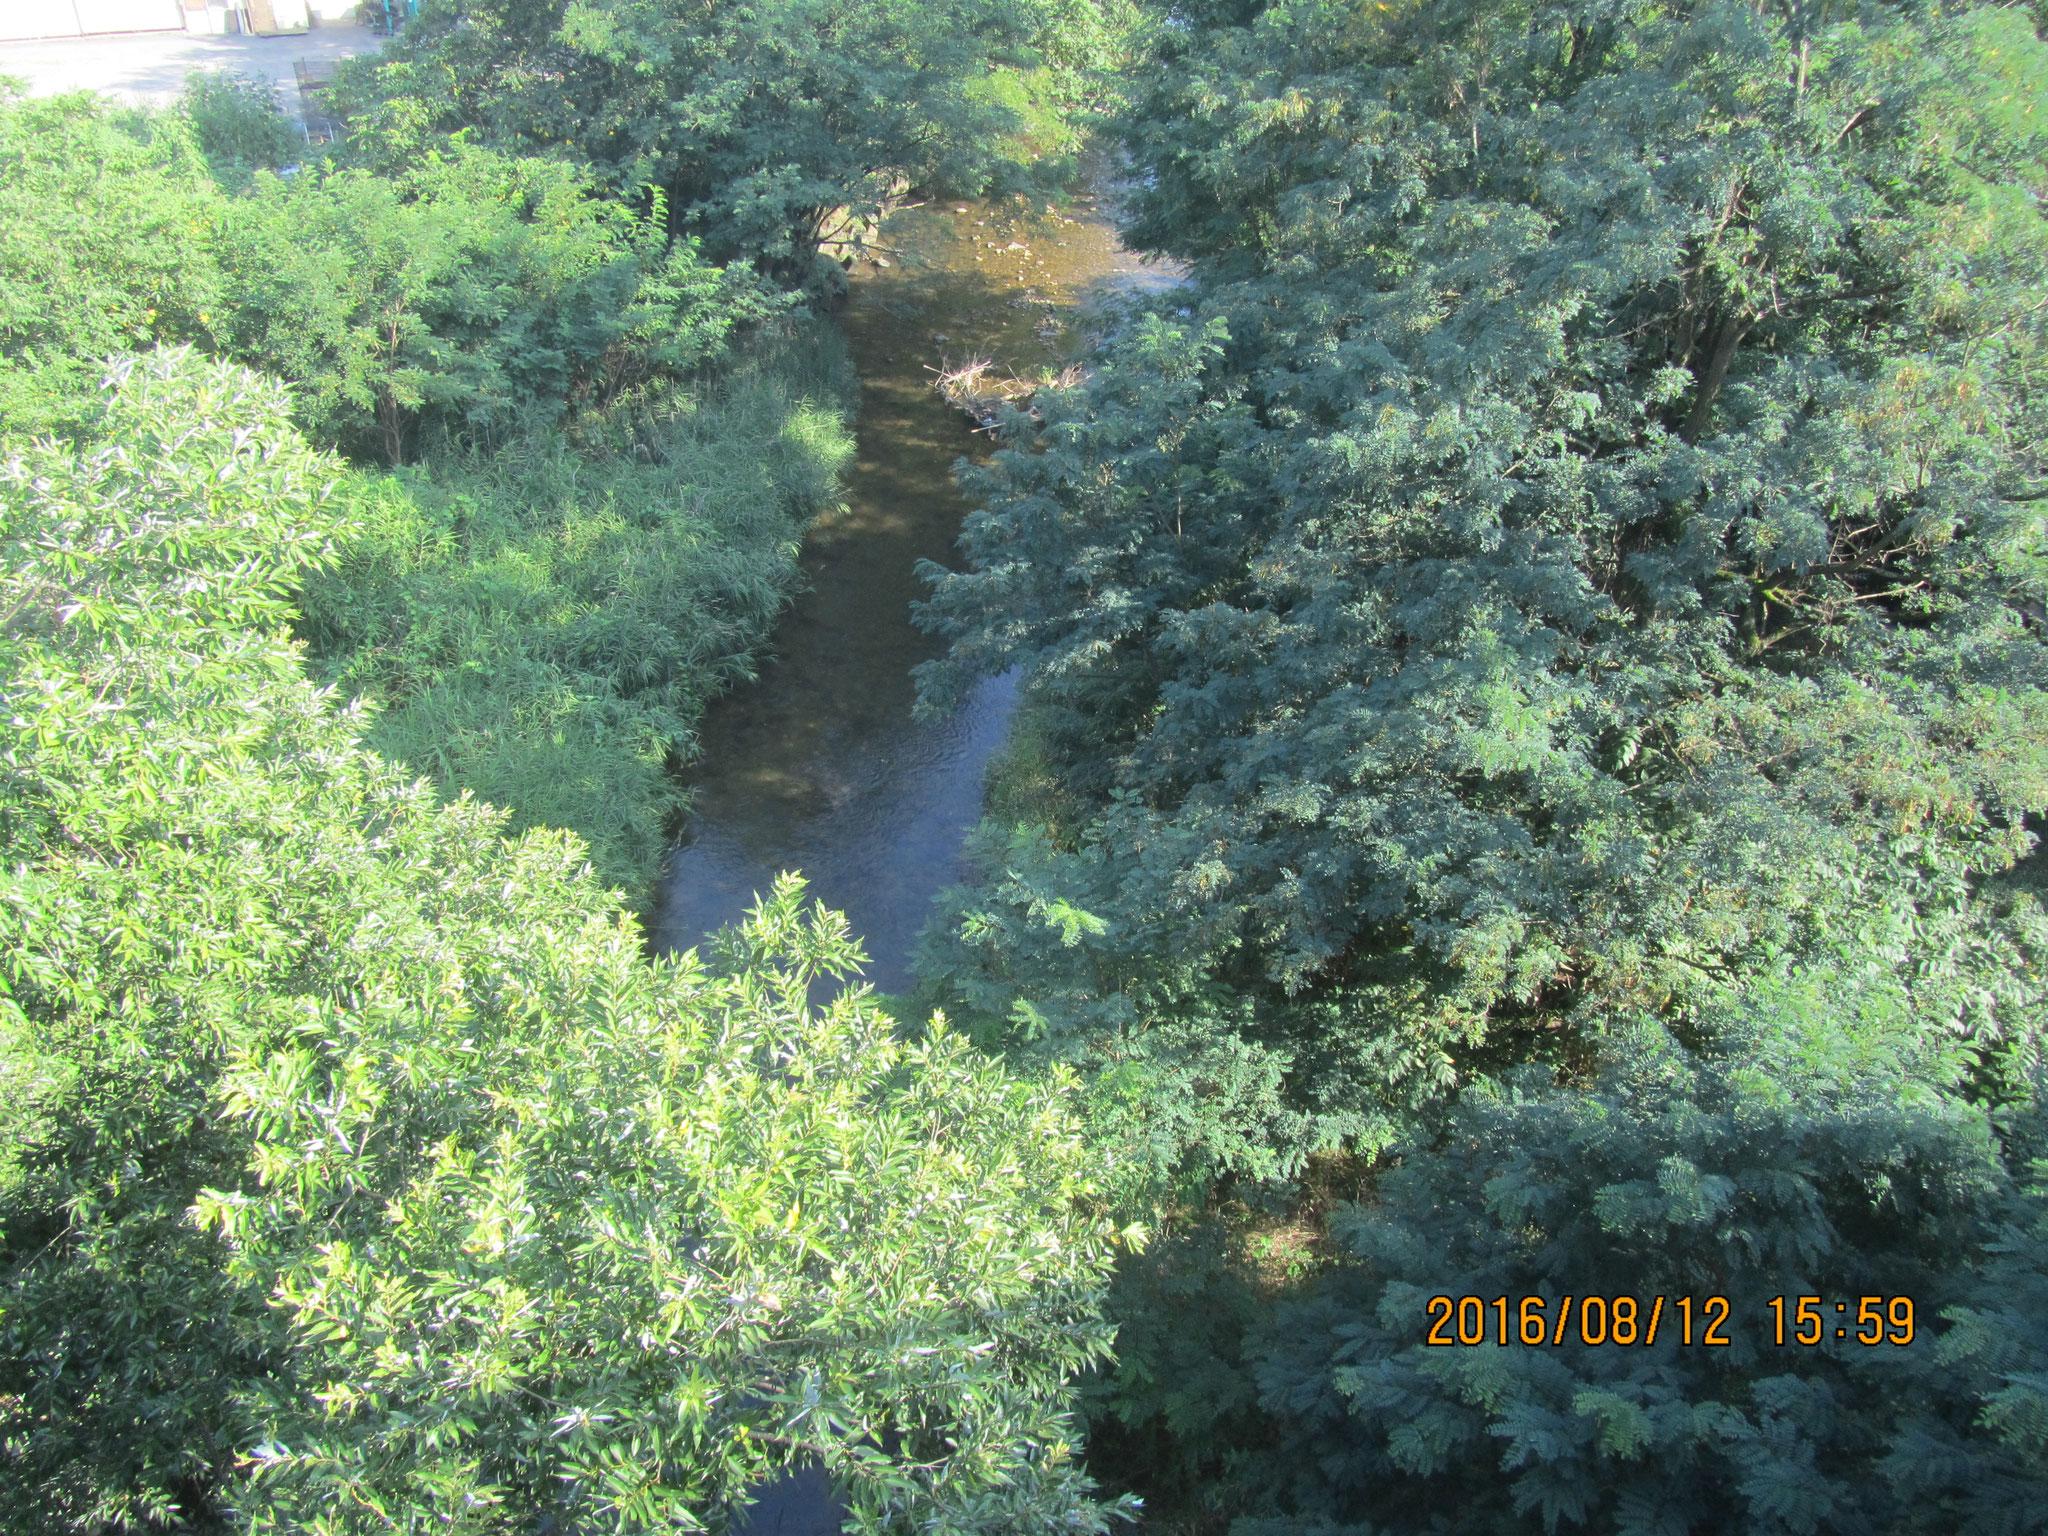 神川(かんがわ)。1585年、第一次上田合戦の際、真田信幸がこの川をせき止めました。そして、上田城から徳川軍が敗走する際に堰(せき)を壊し、川を渡る多くの兵を溺れさせたのです。